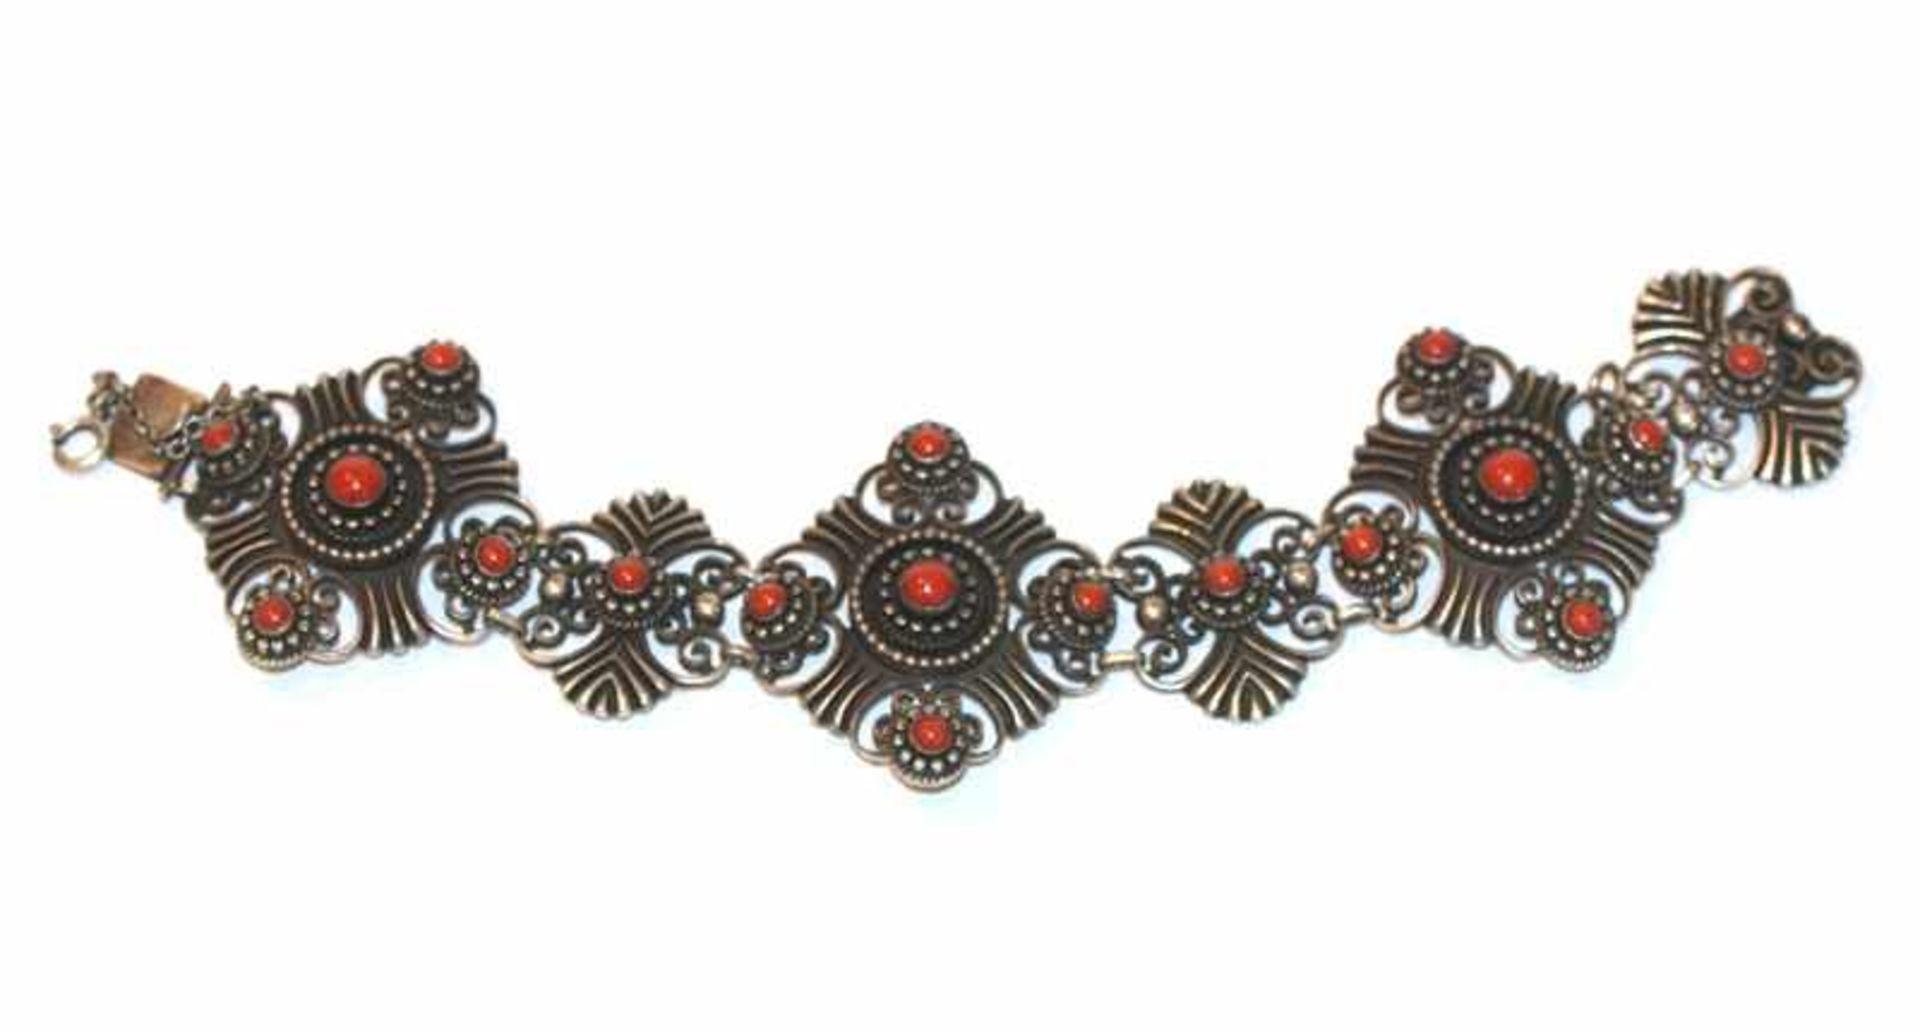 Los 2 - Armband, 835 Silber mit Koralle verziert, L 19 cm